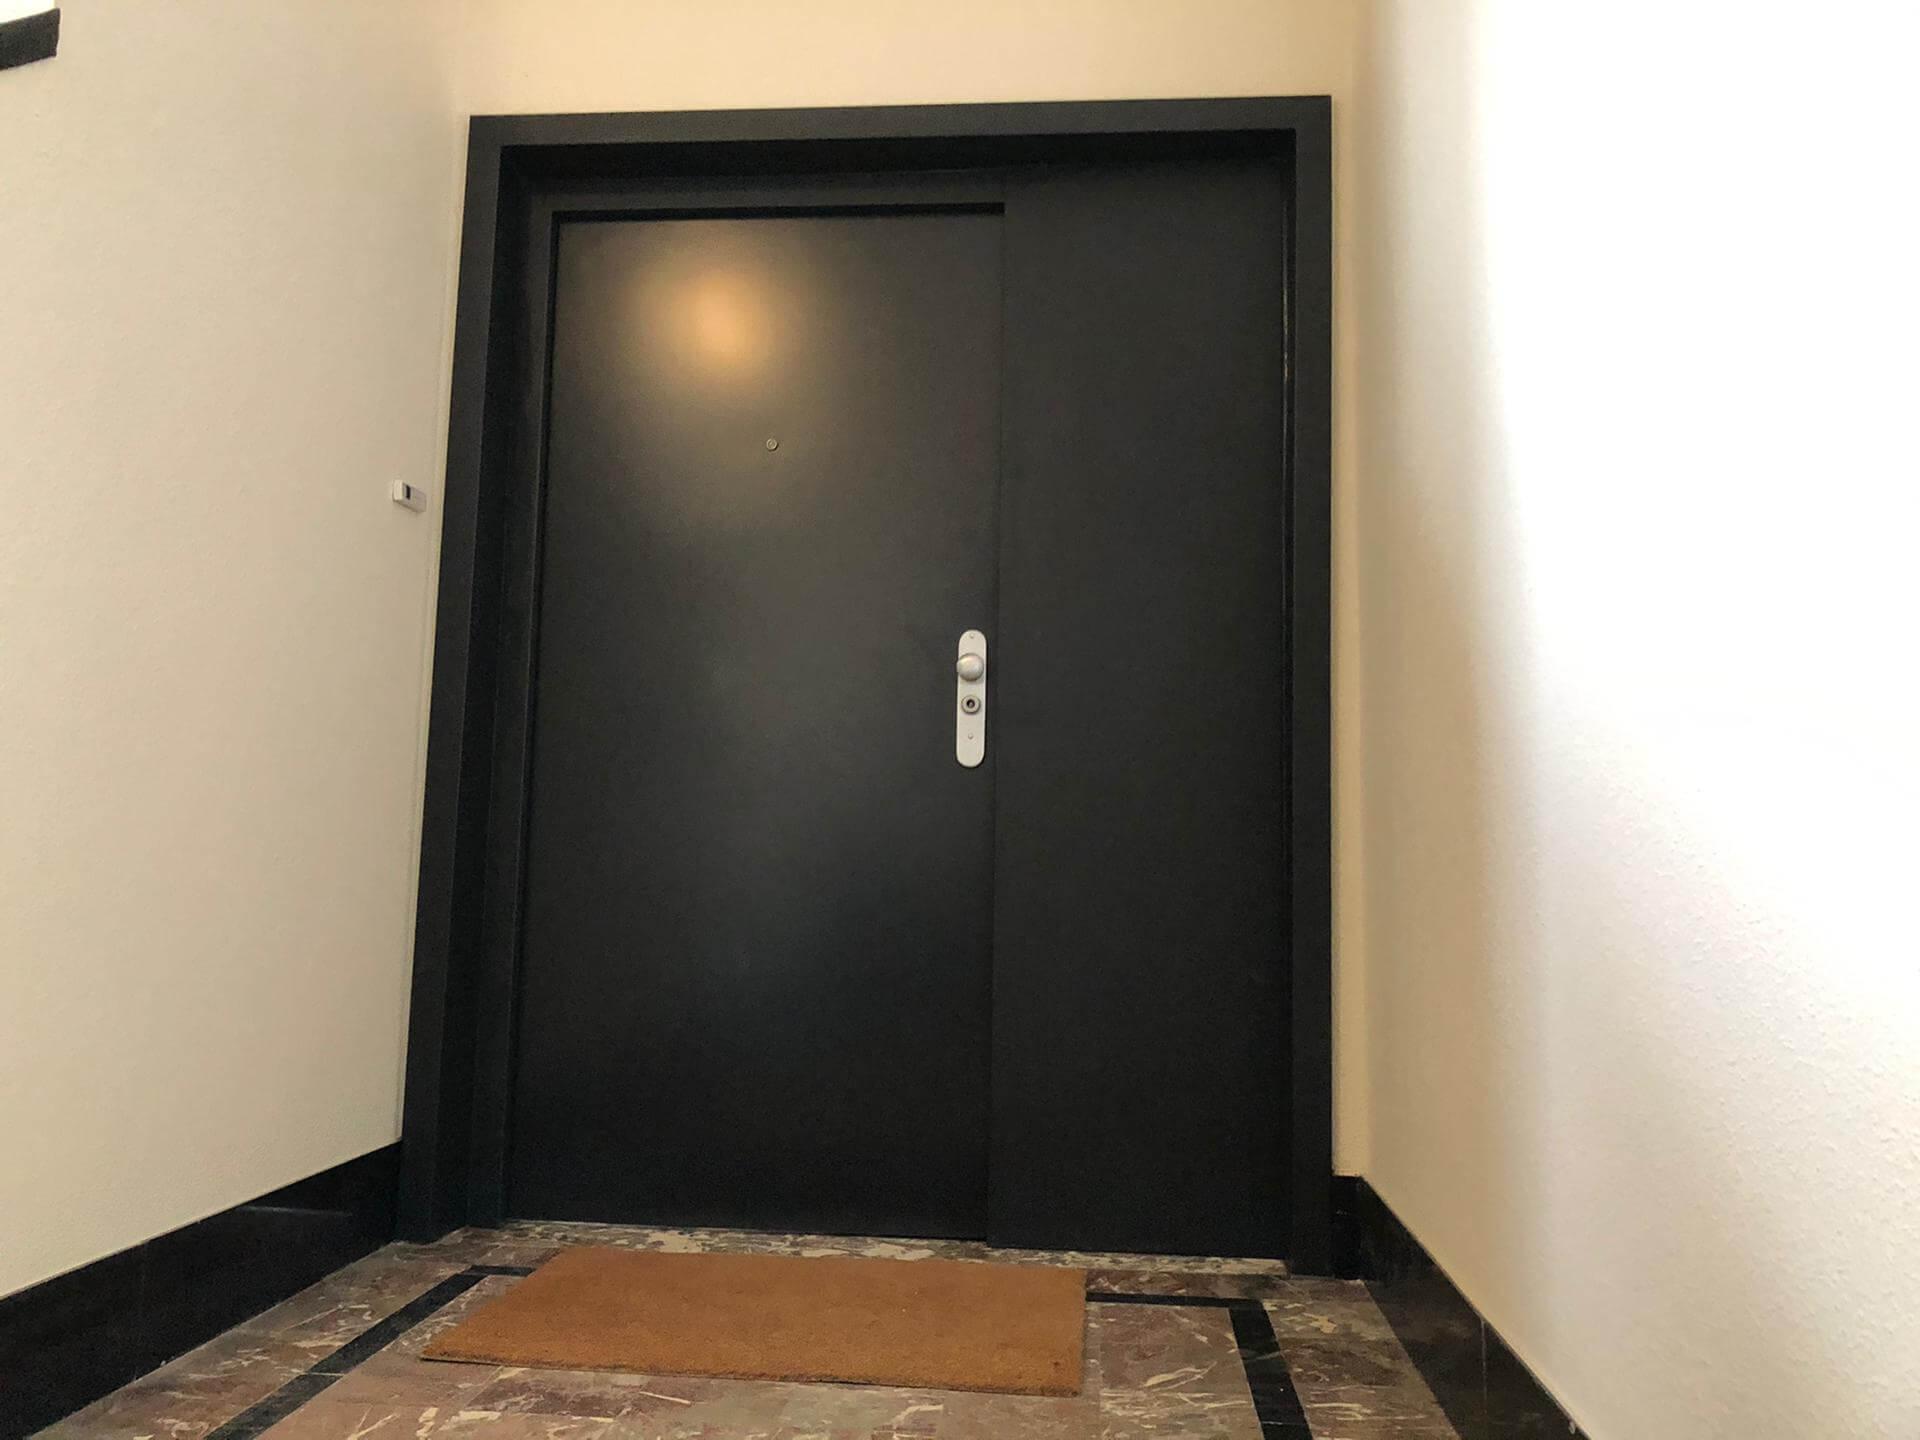 Porte FICHET Sphéris 7021 + imposte latérale